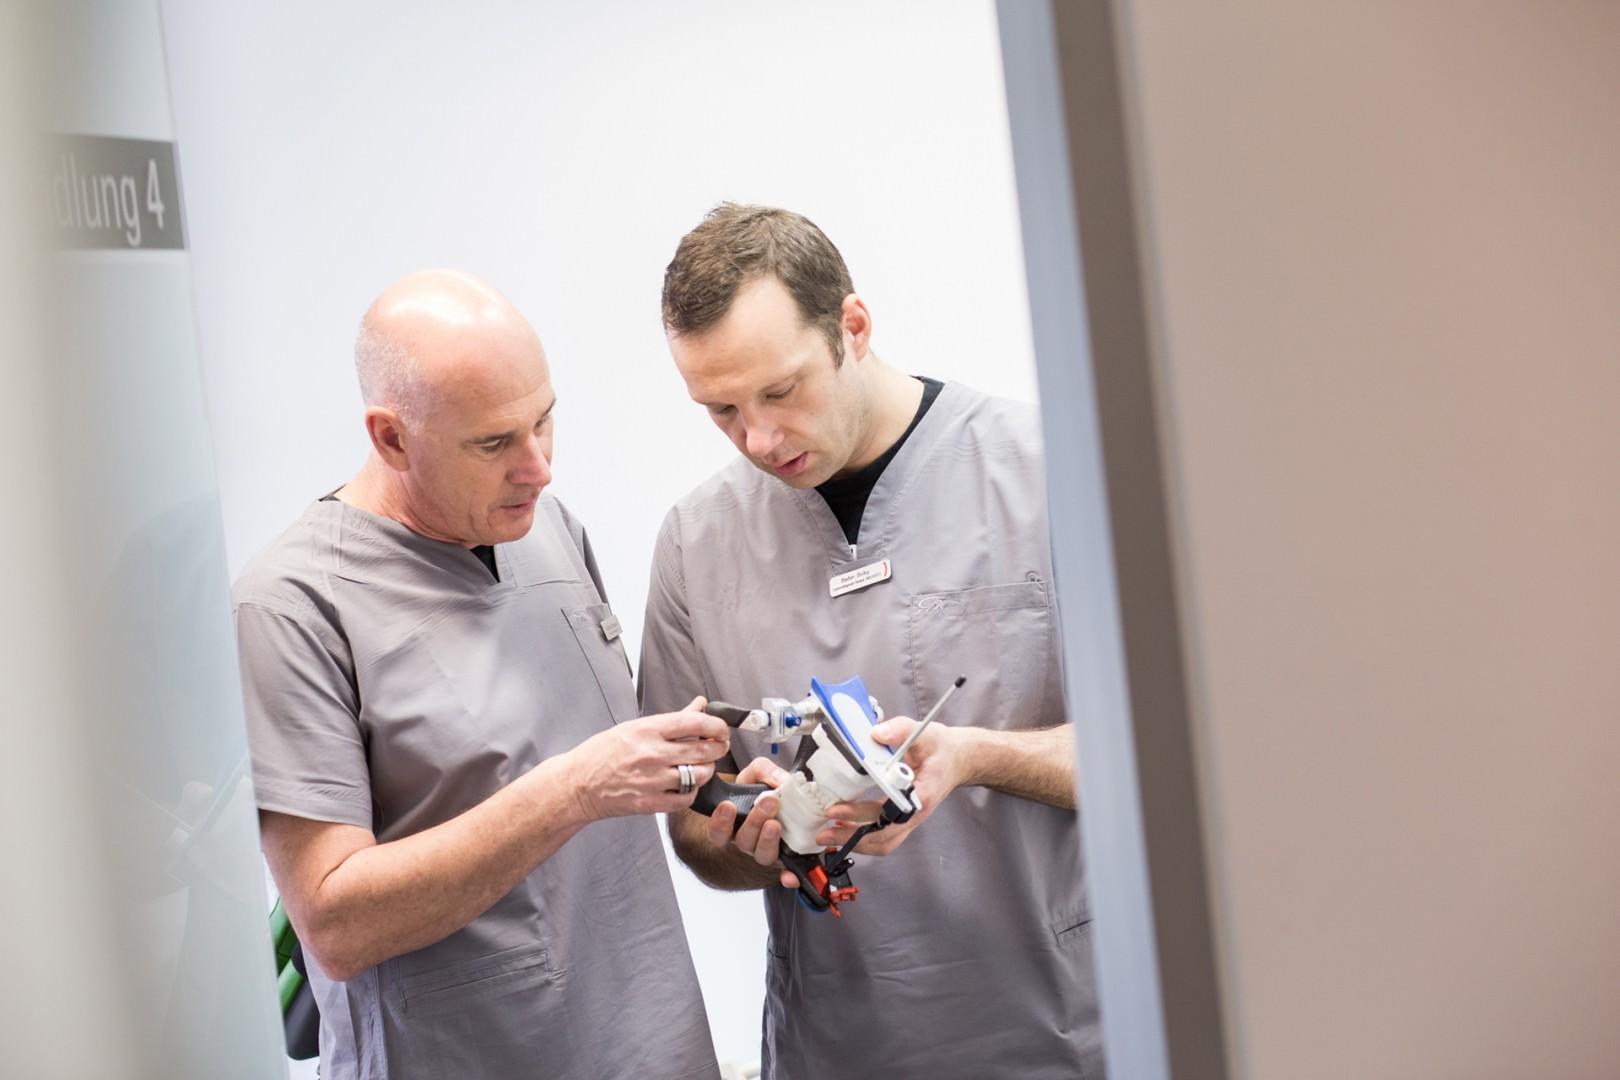 Zahnkultur Köln - Dr. Martin Schneider und Stefan Bolky im Gespräch über ein Kiefermodell